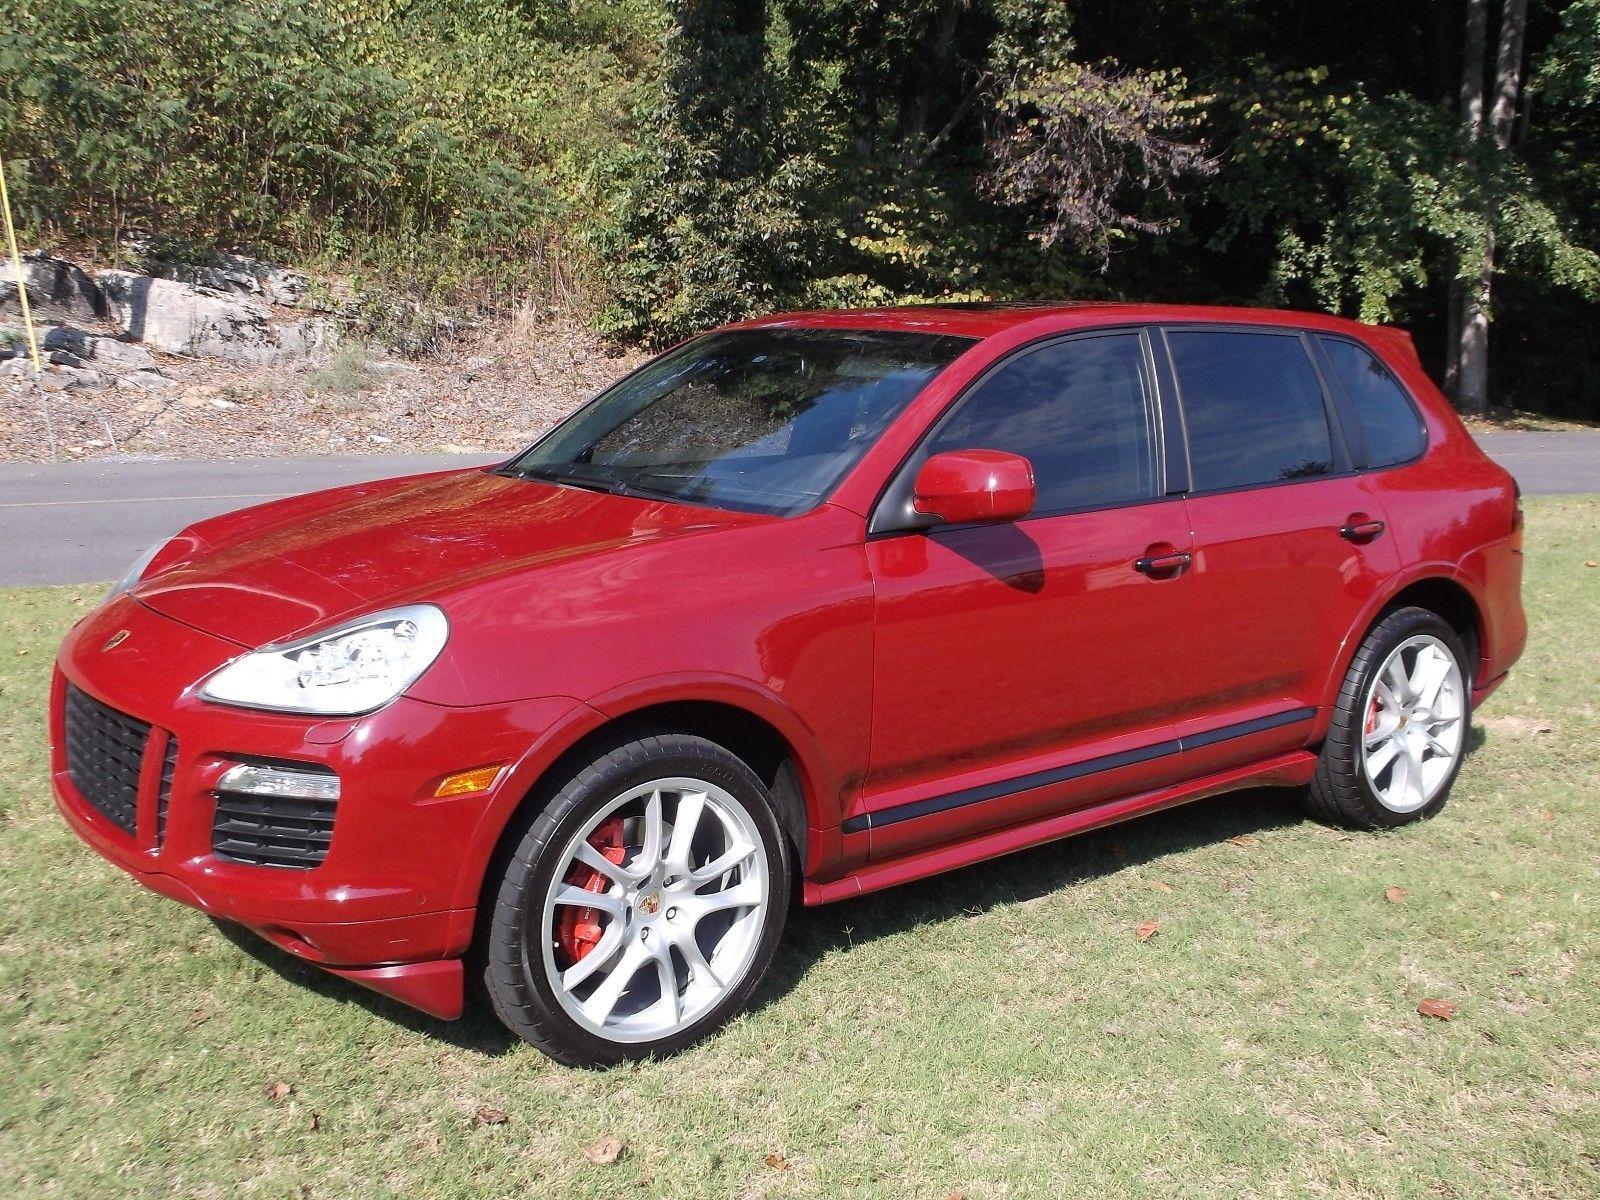 2009 Porsche Cayenne Gts 2009 Porsche Cayenne Gts In Gts Red With Black Alcantara Suede Style Interior 2017 2018 24carshop Com